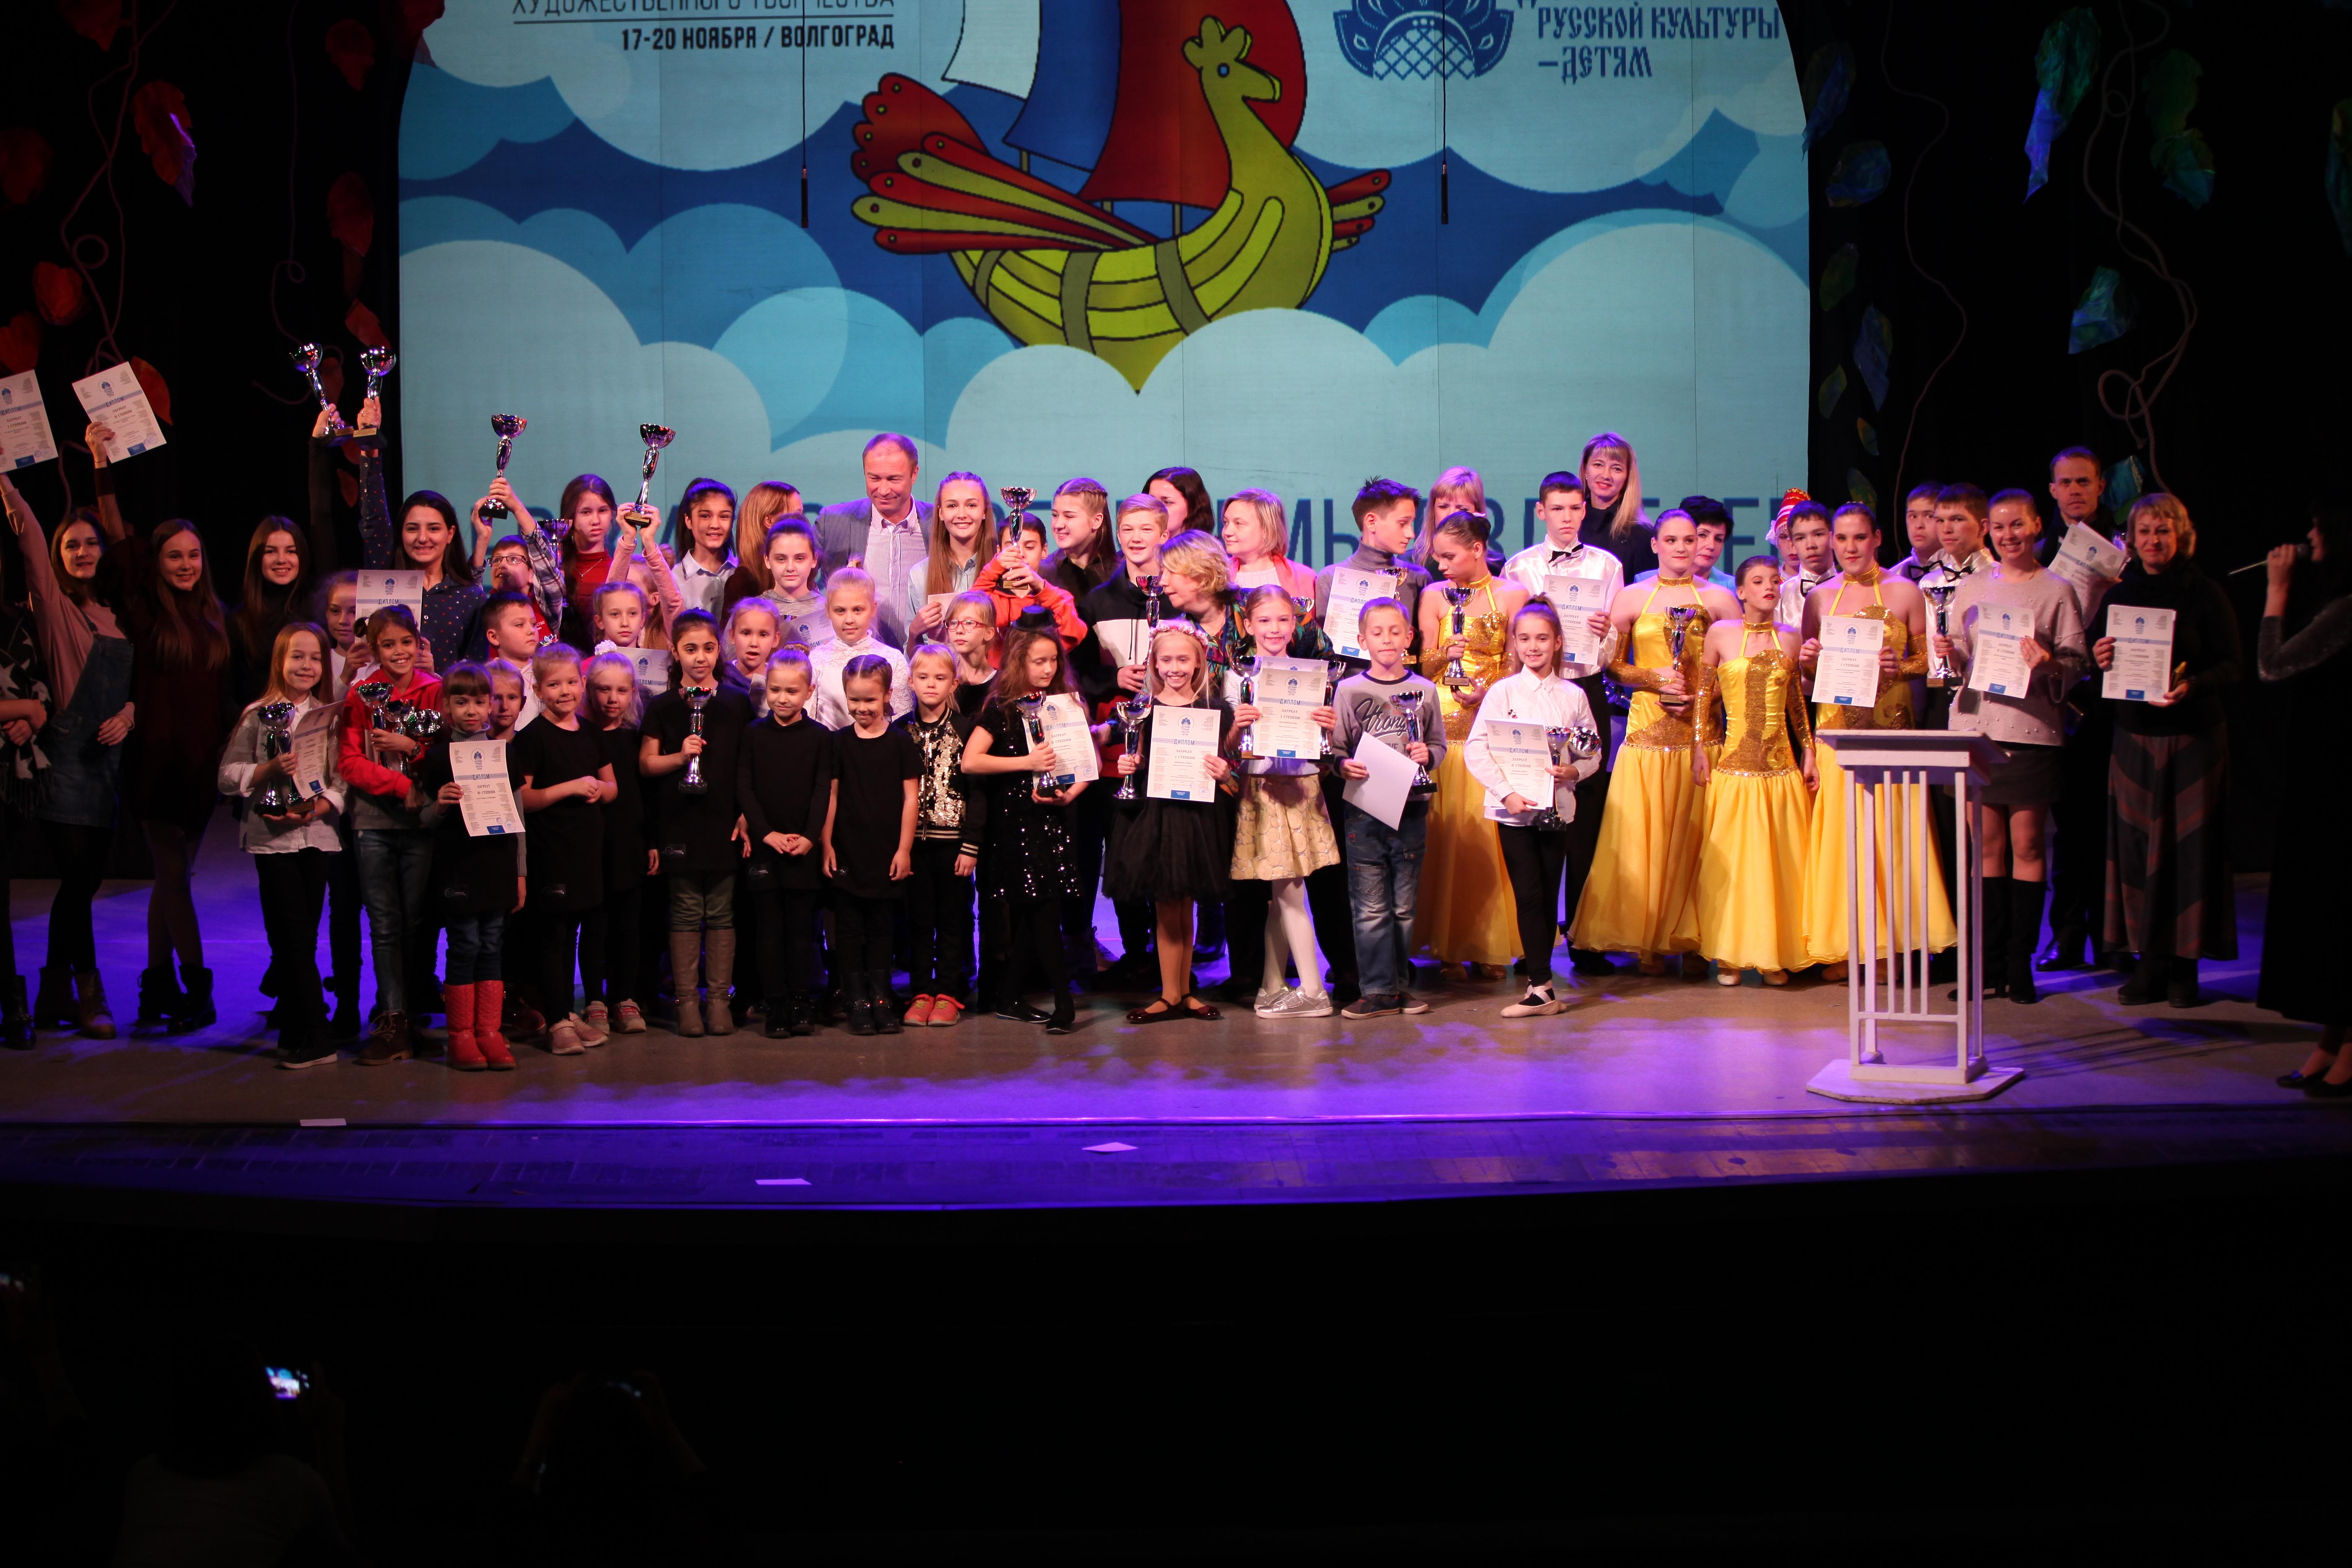 Награждение участников конкурса «Достояние русской культуры- детям» Волгоград 17 -20 ноября 2018